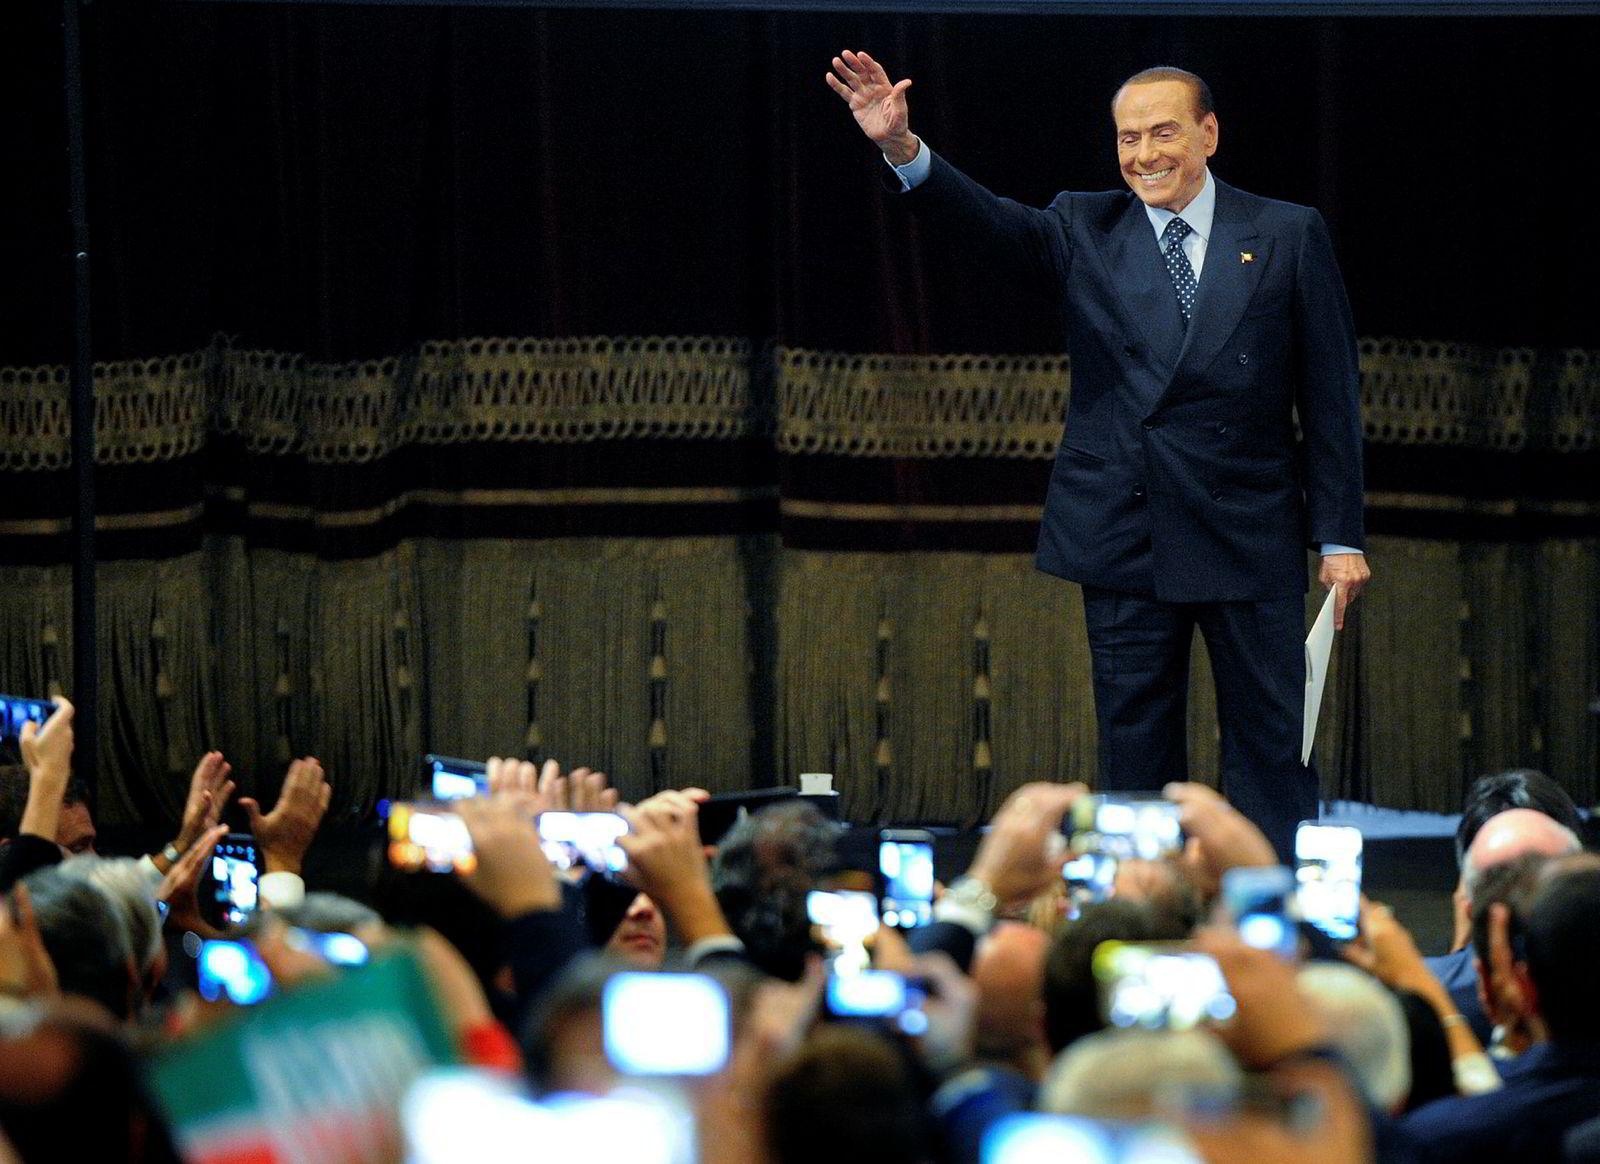 Eksstatsminister Silvio Berlusconi kan ikke selv stille som statsministerkandidat, men styrer showet i partiet Forza Italia. Partiet tilhører koalisjonen med best sjanse til å vinne søndagens valg, ifølge målingene.